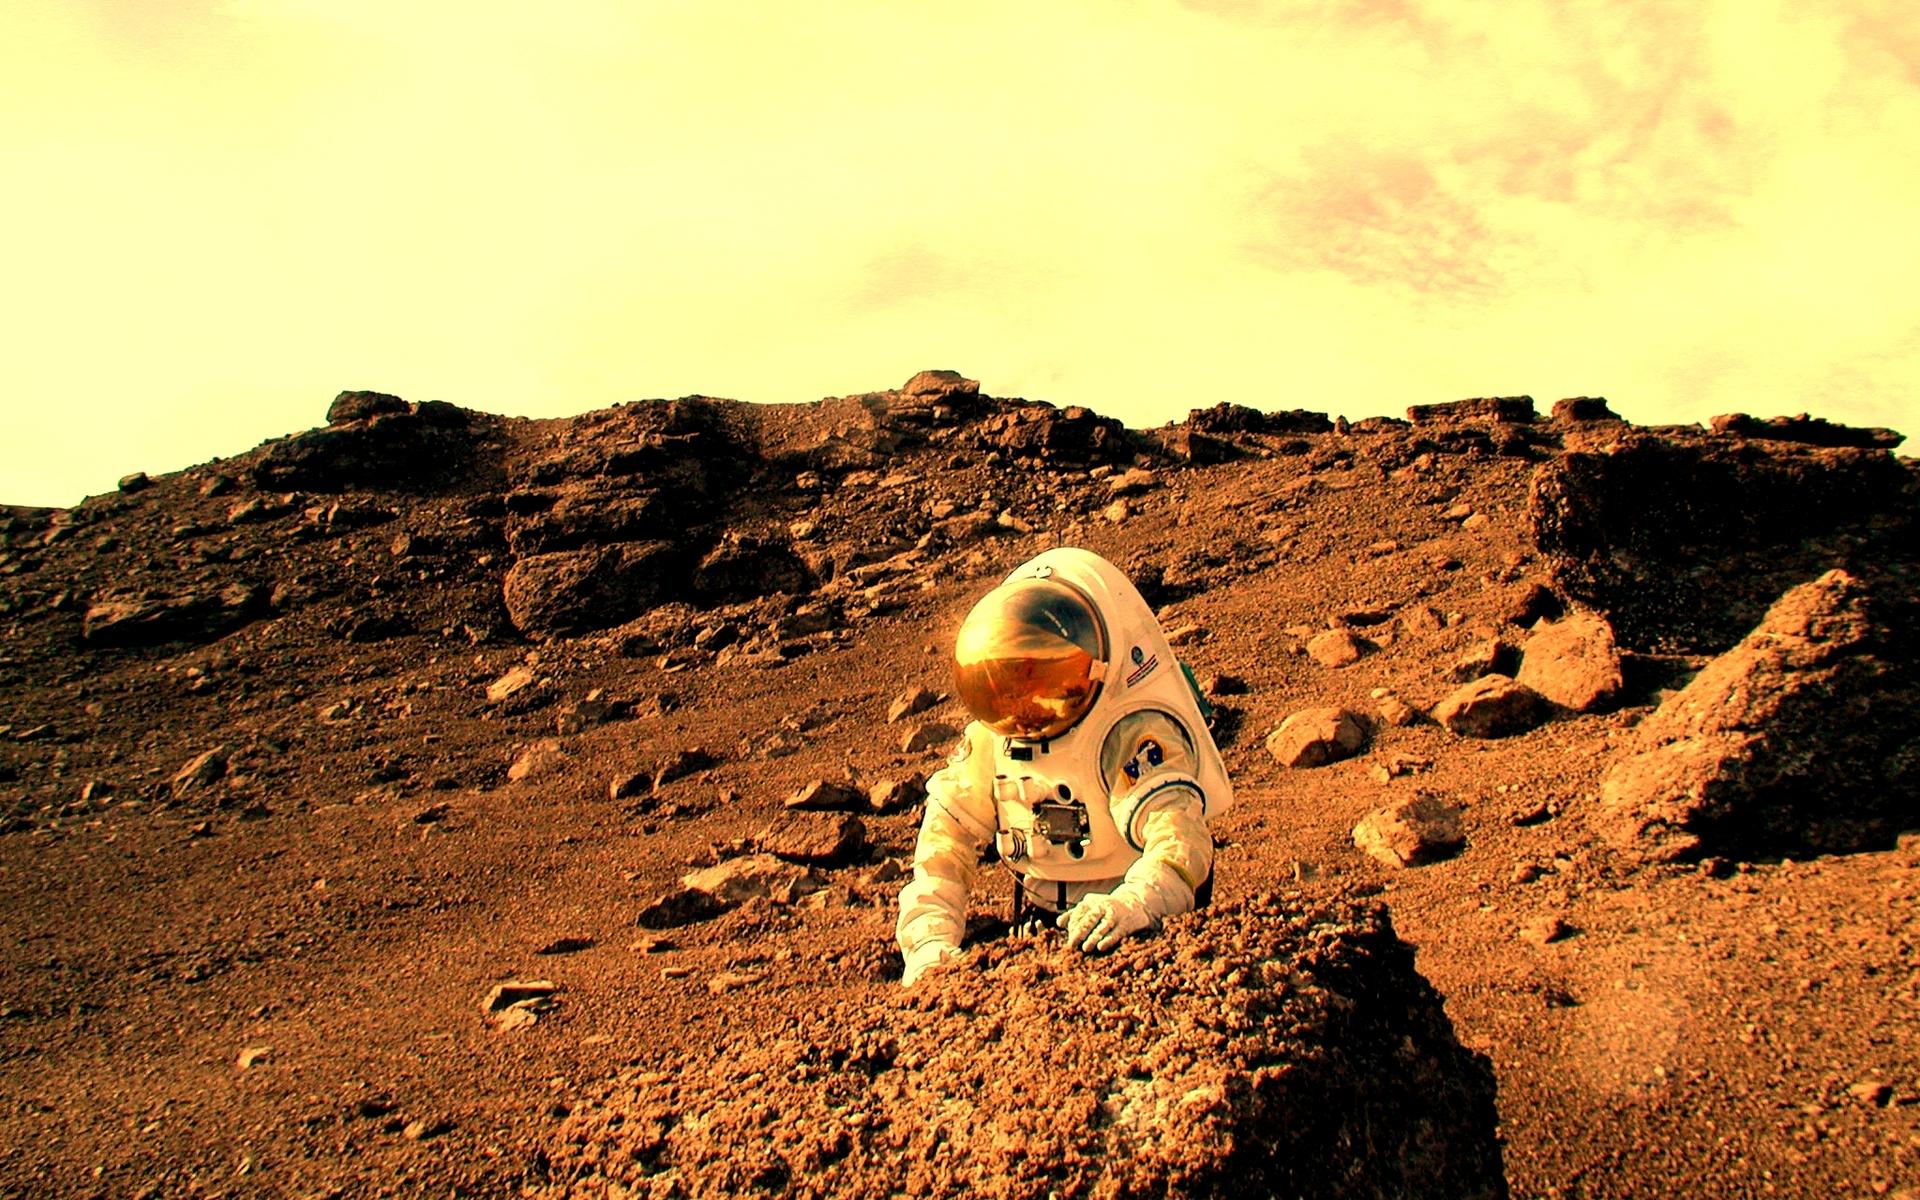 жизнь на других планетах интересные факты фото